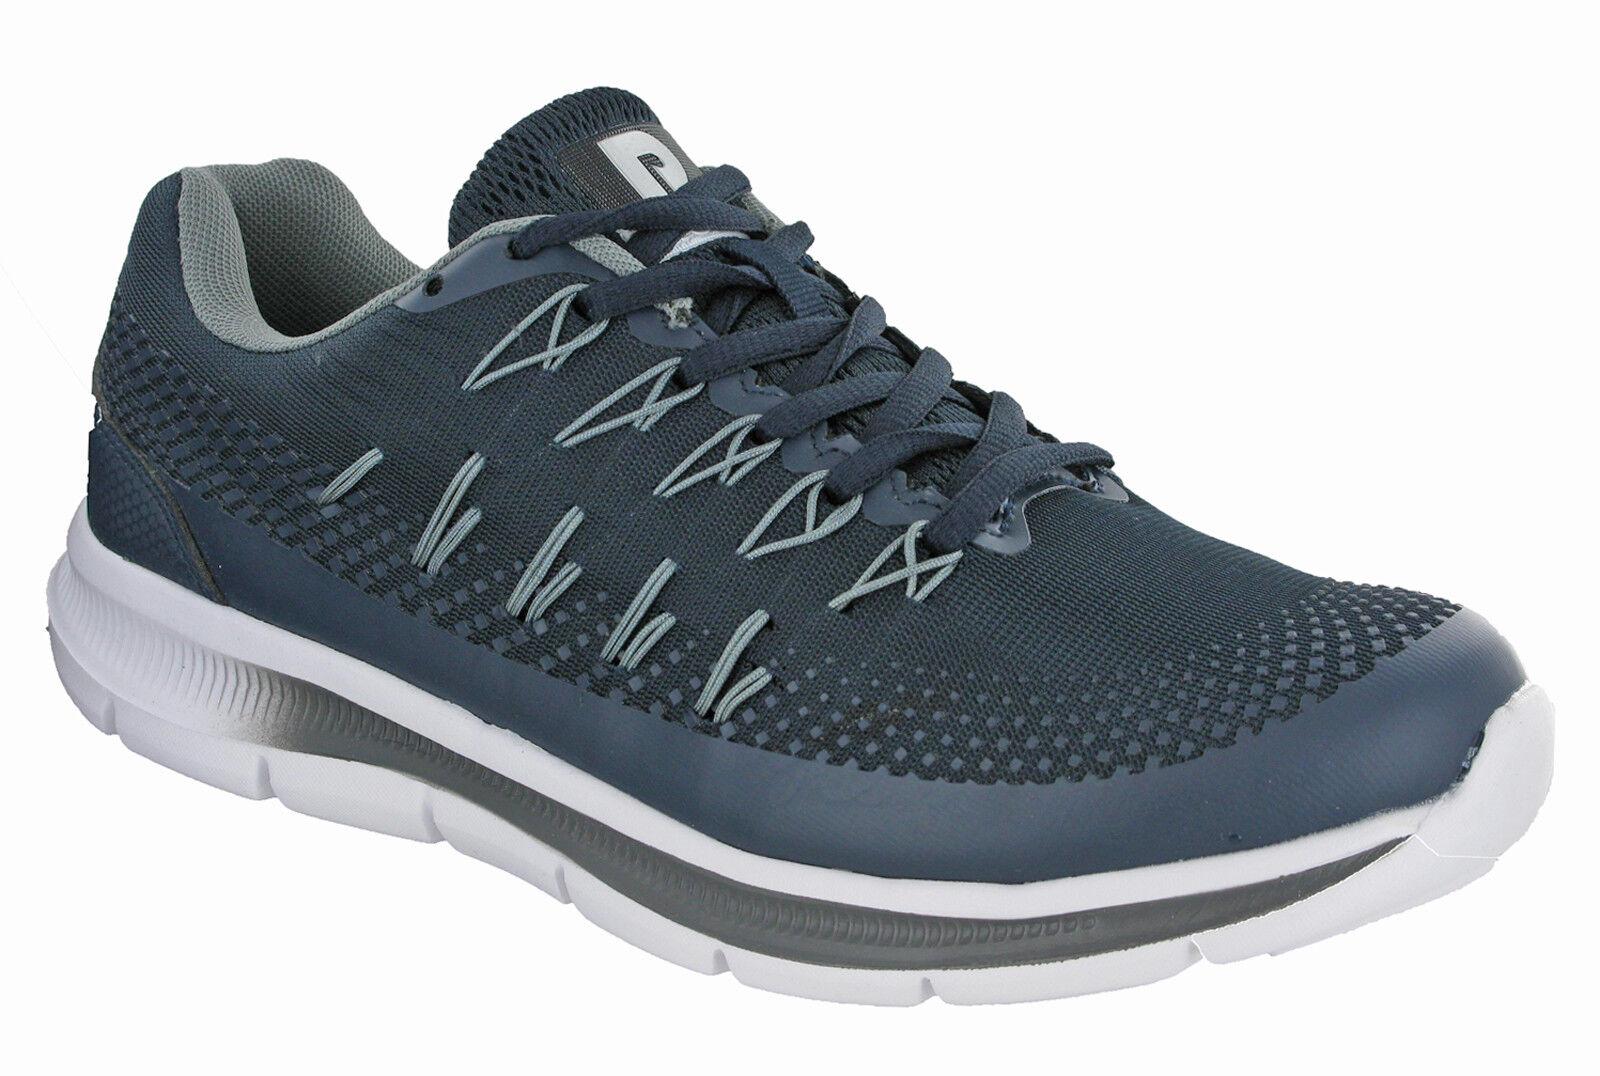 Dettagli su DEK Da Uomo Corsa Scarpe da ginnastica palestra memory foam leggero imbottito soft shoes M459 mostra il titolo originale